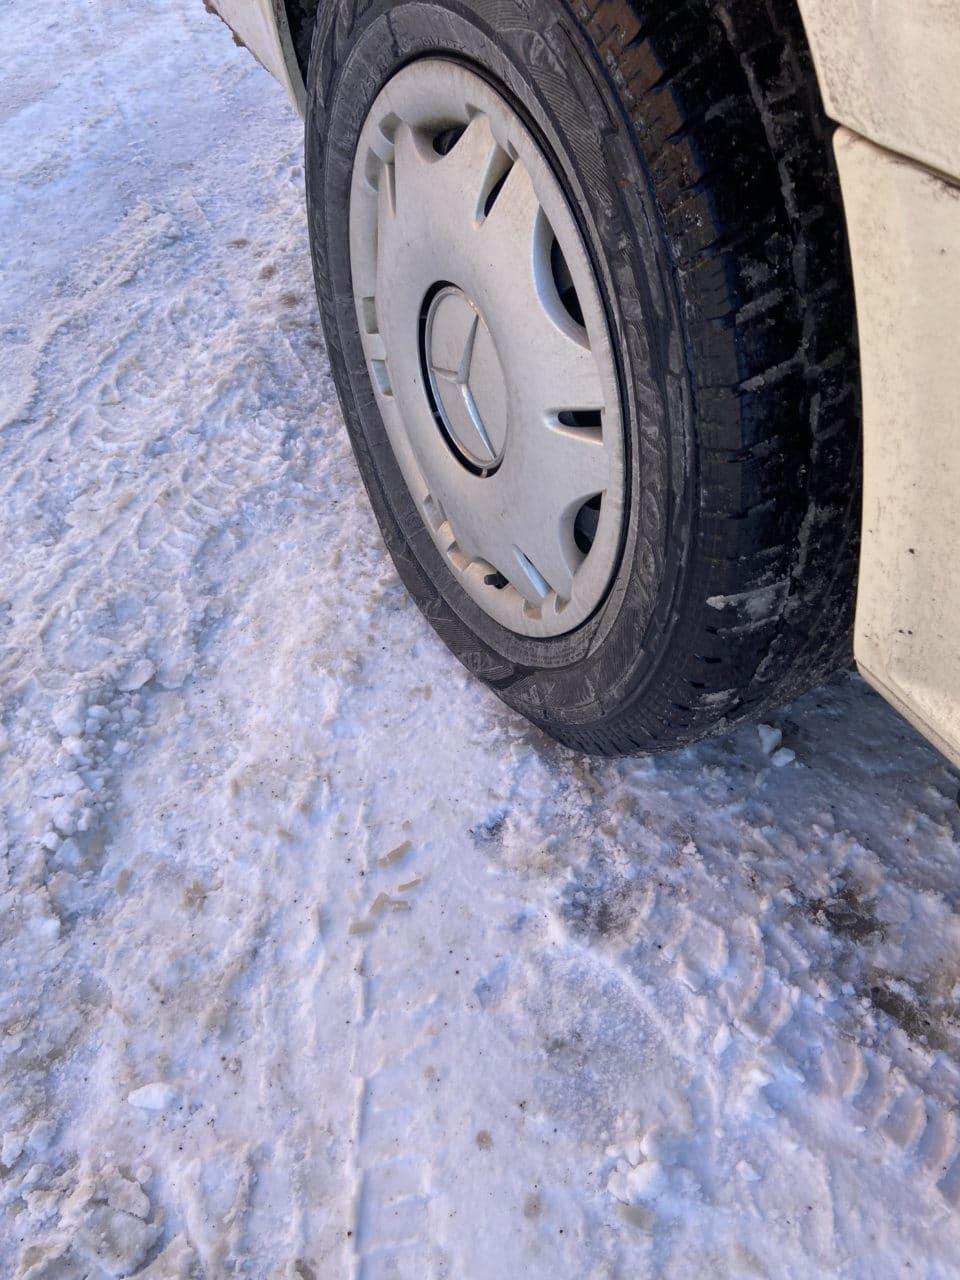 Taxi Rostock - Reifen pfeift auf dem letzten Loch